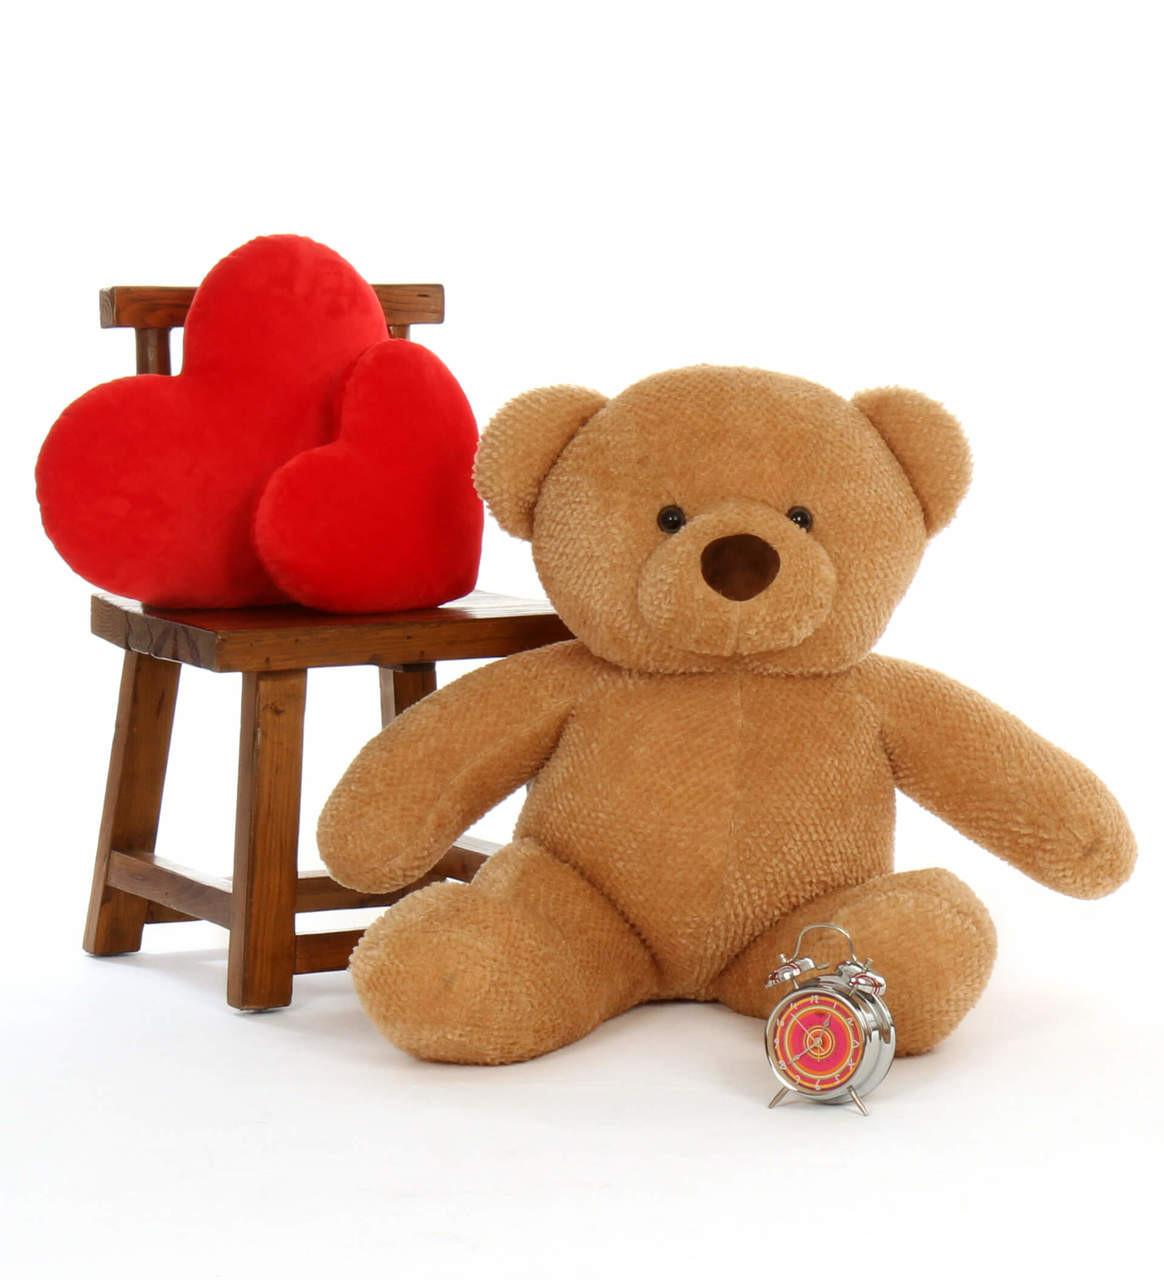 Big Amber Teddy Bear Cutie Chubs 38in